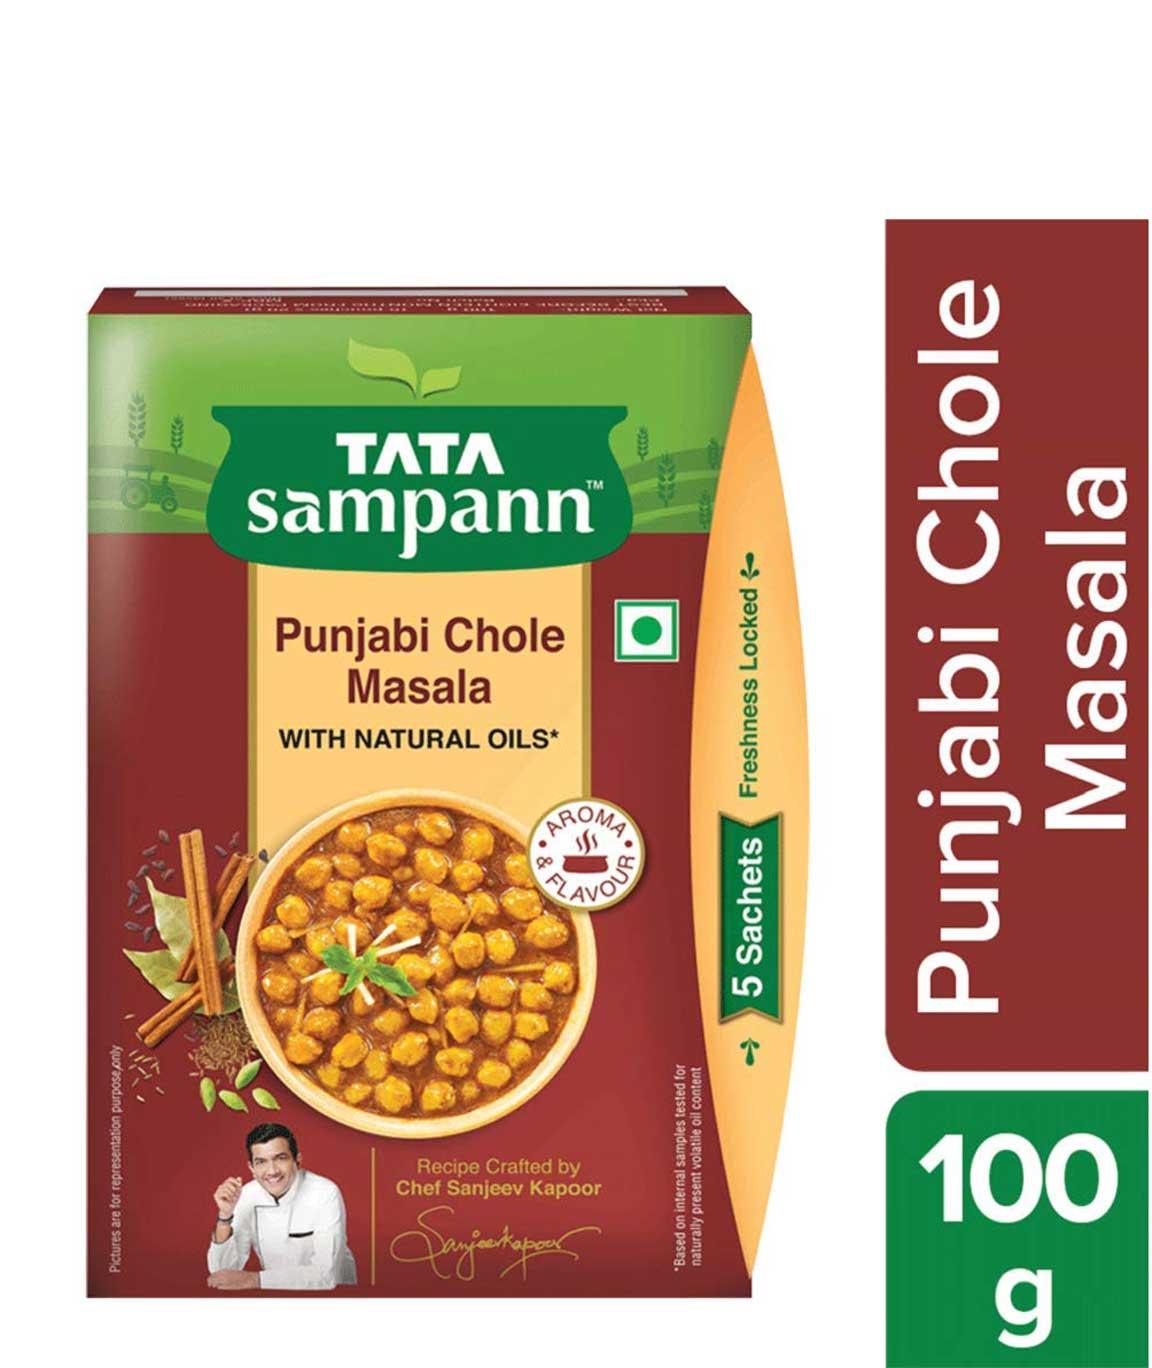 Tata Sampann Punjabi Chhole Masala, 100gm